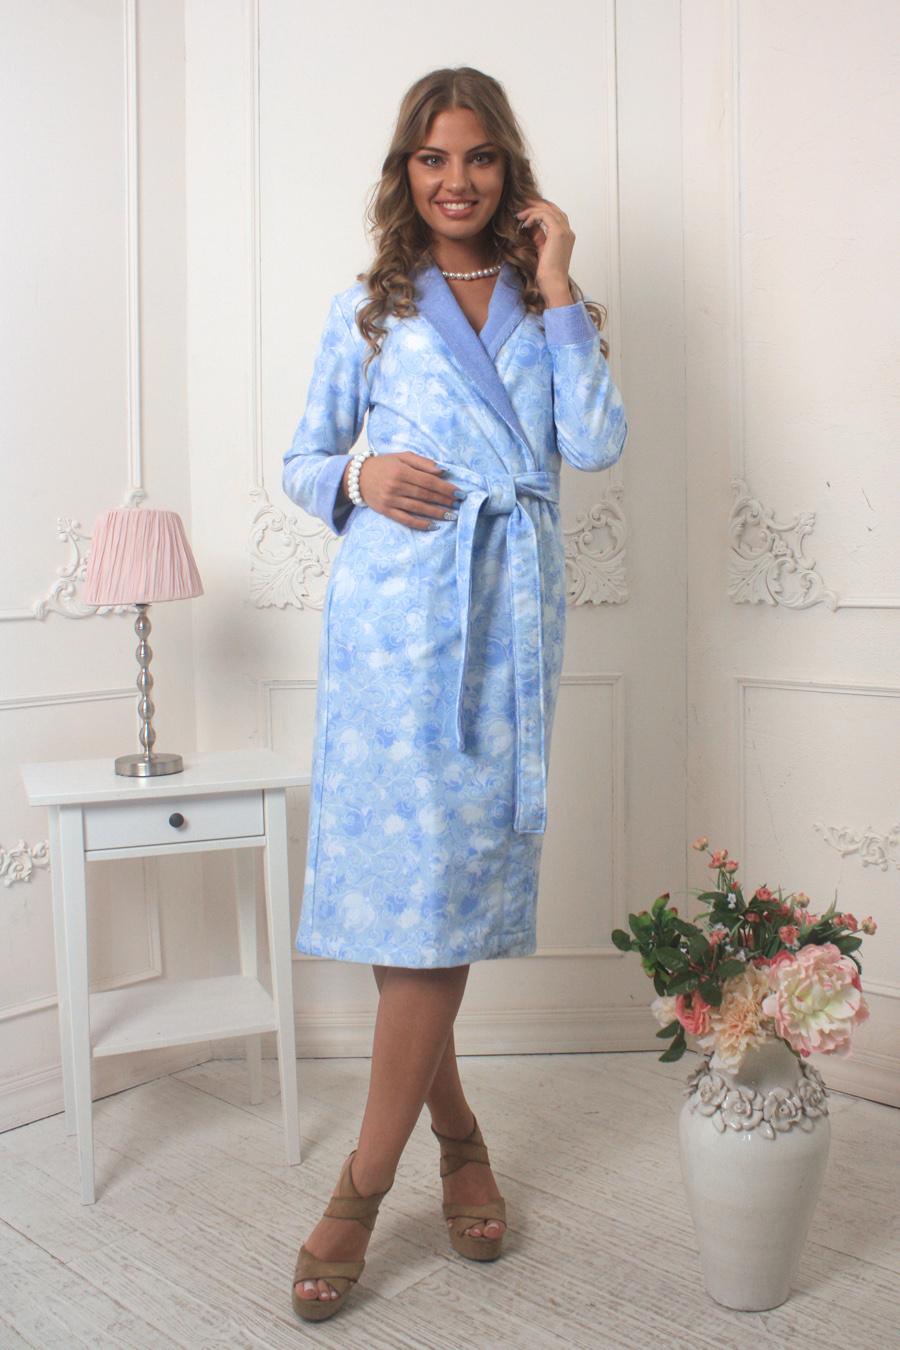 Халат452Невероятно нежный и стильный халат, выполненный в уникальной ткани с didgital принтом и идеальной посадкой по фигуре. Легкая, солнечная цветовая гамма.